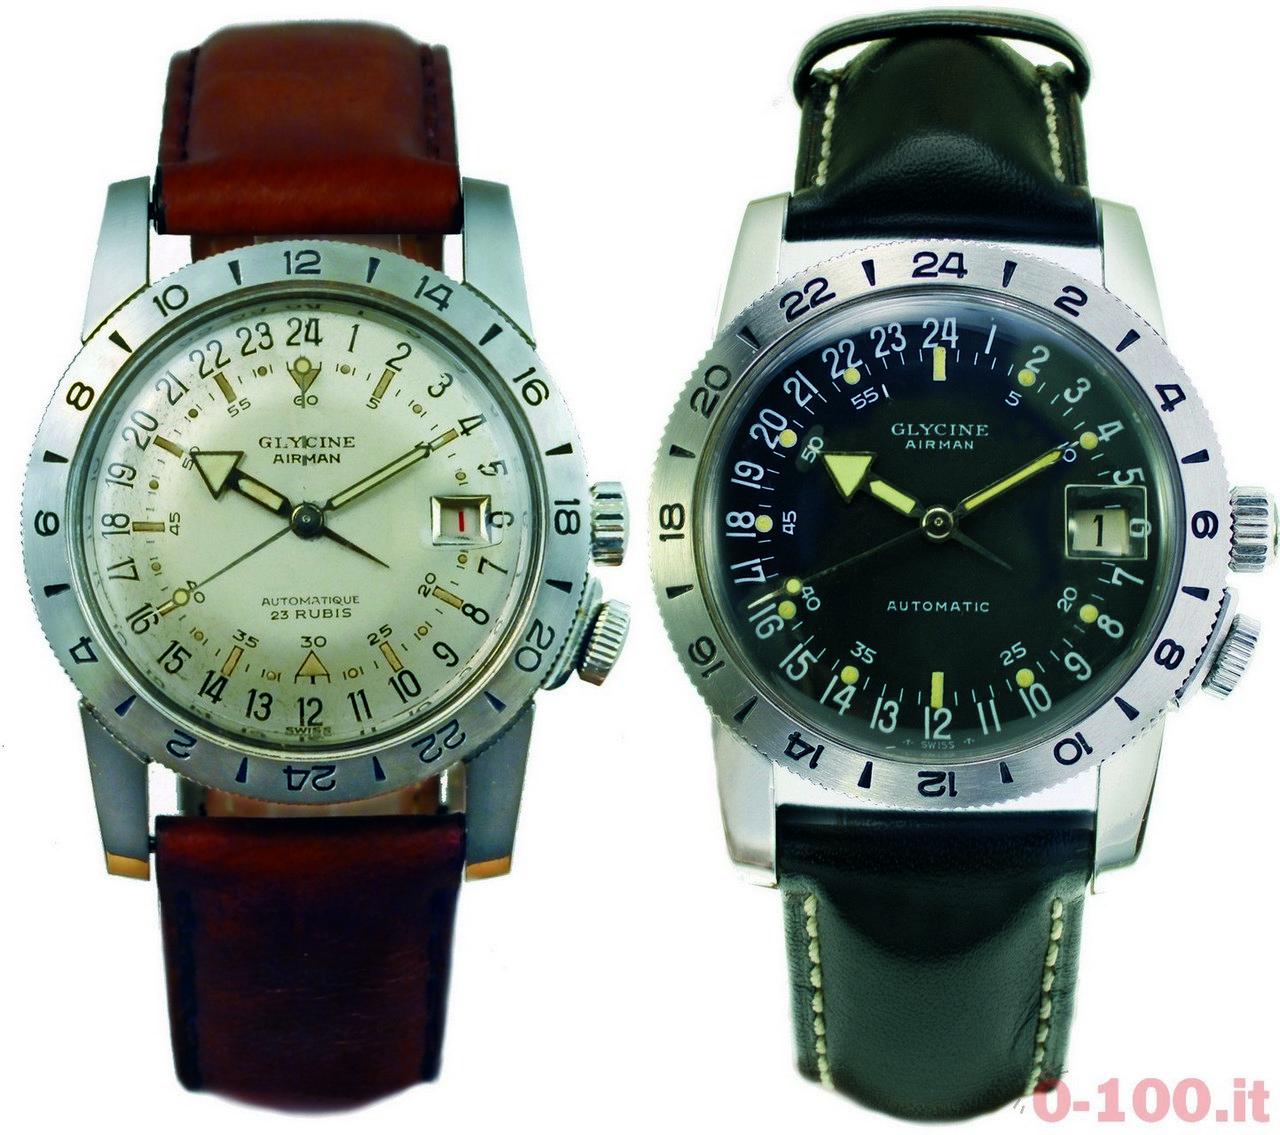 glycine-airman-n-1-ref-3944-19-lbk9-prezzo-price-0-100_5